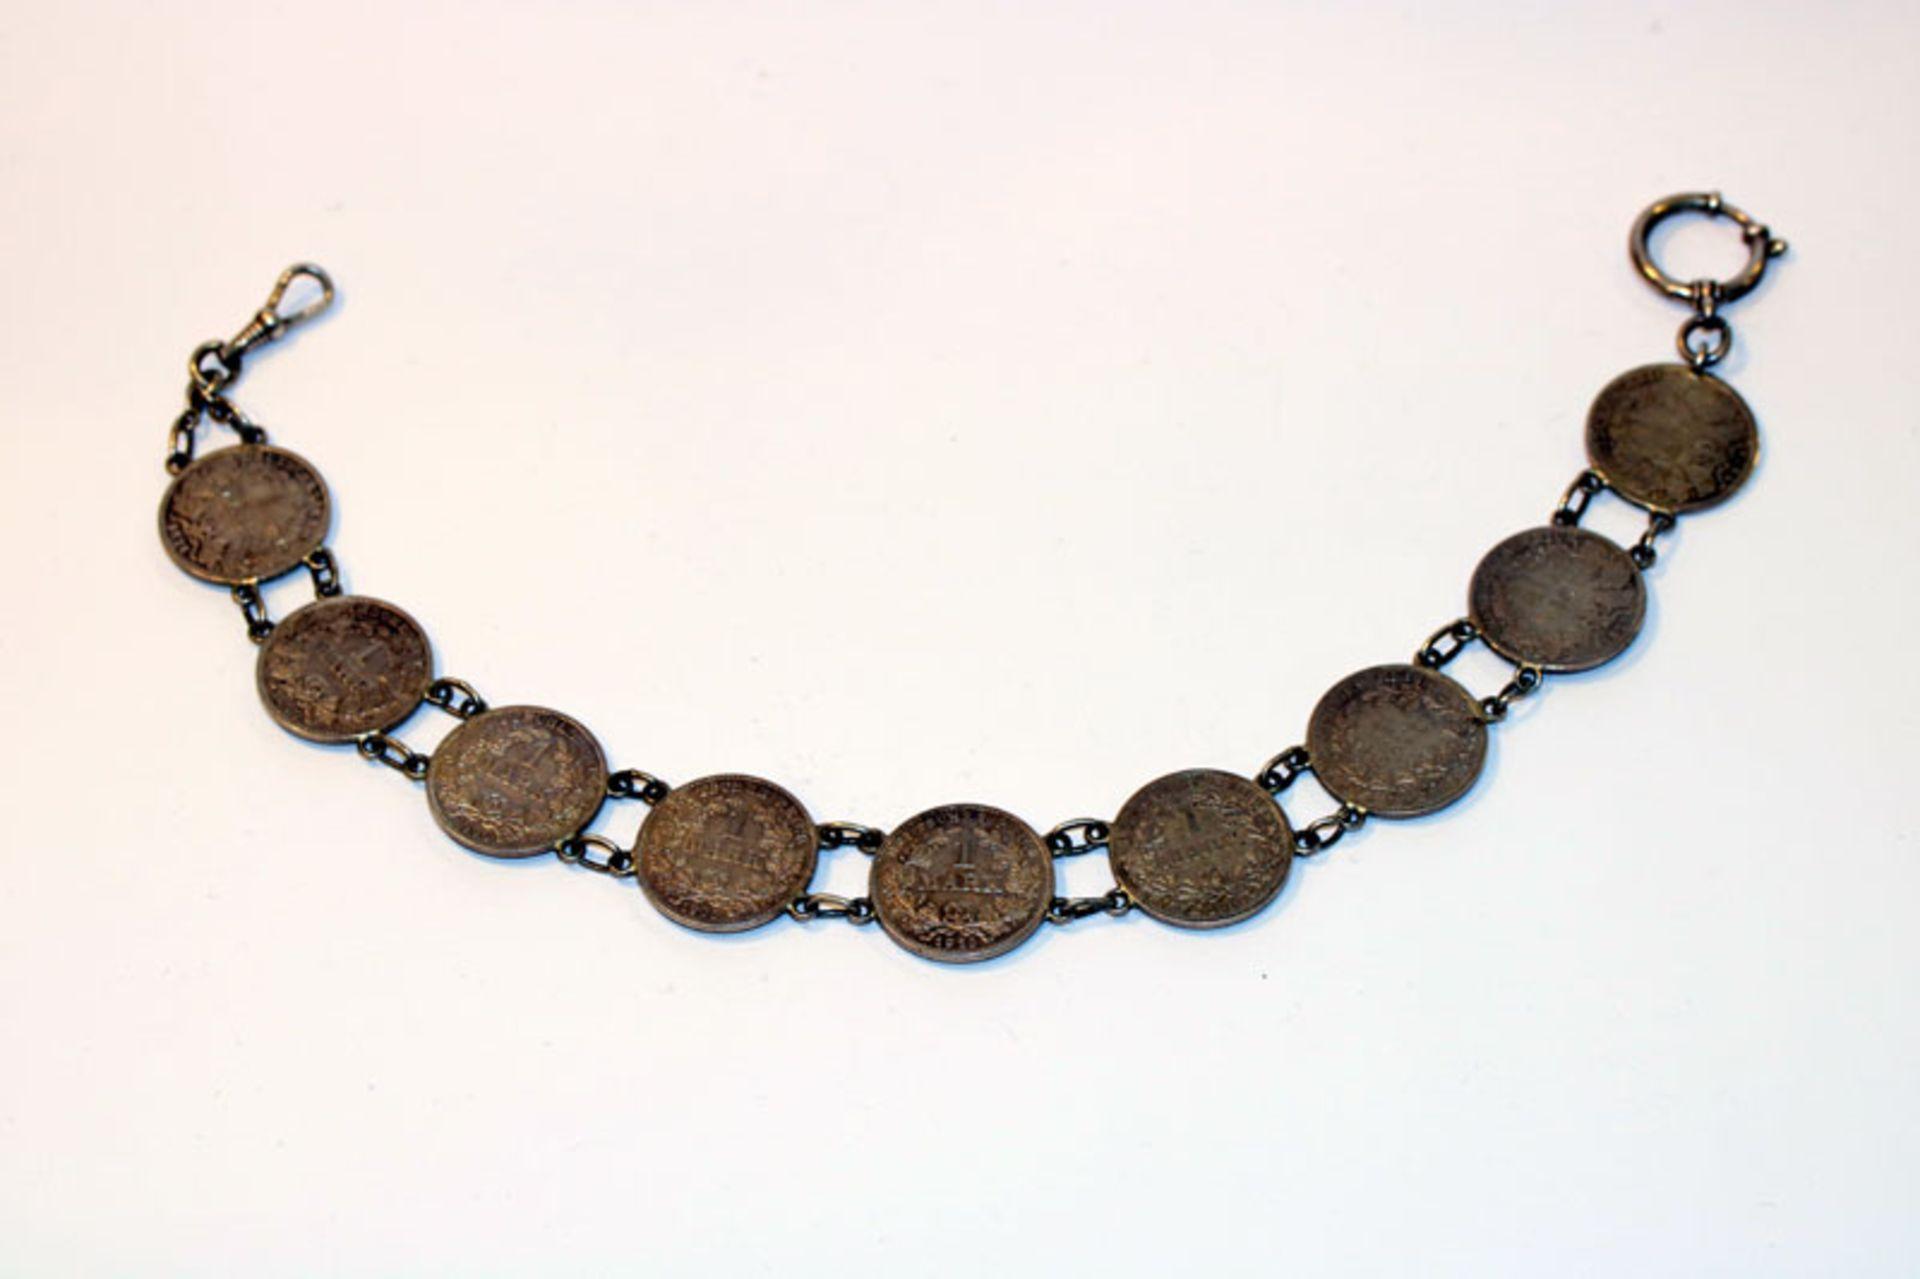 Uhrenkette, 835 Silber mit 9 Reichsmarkmünren, 900 Silber, 60 gr., L 32 cm